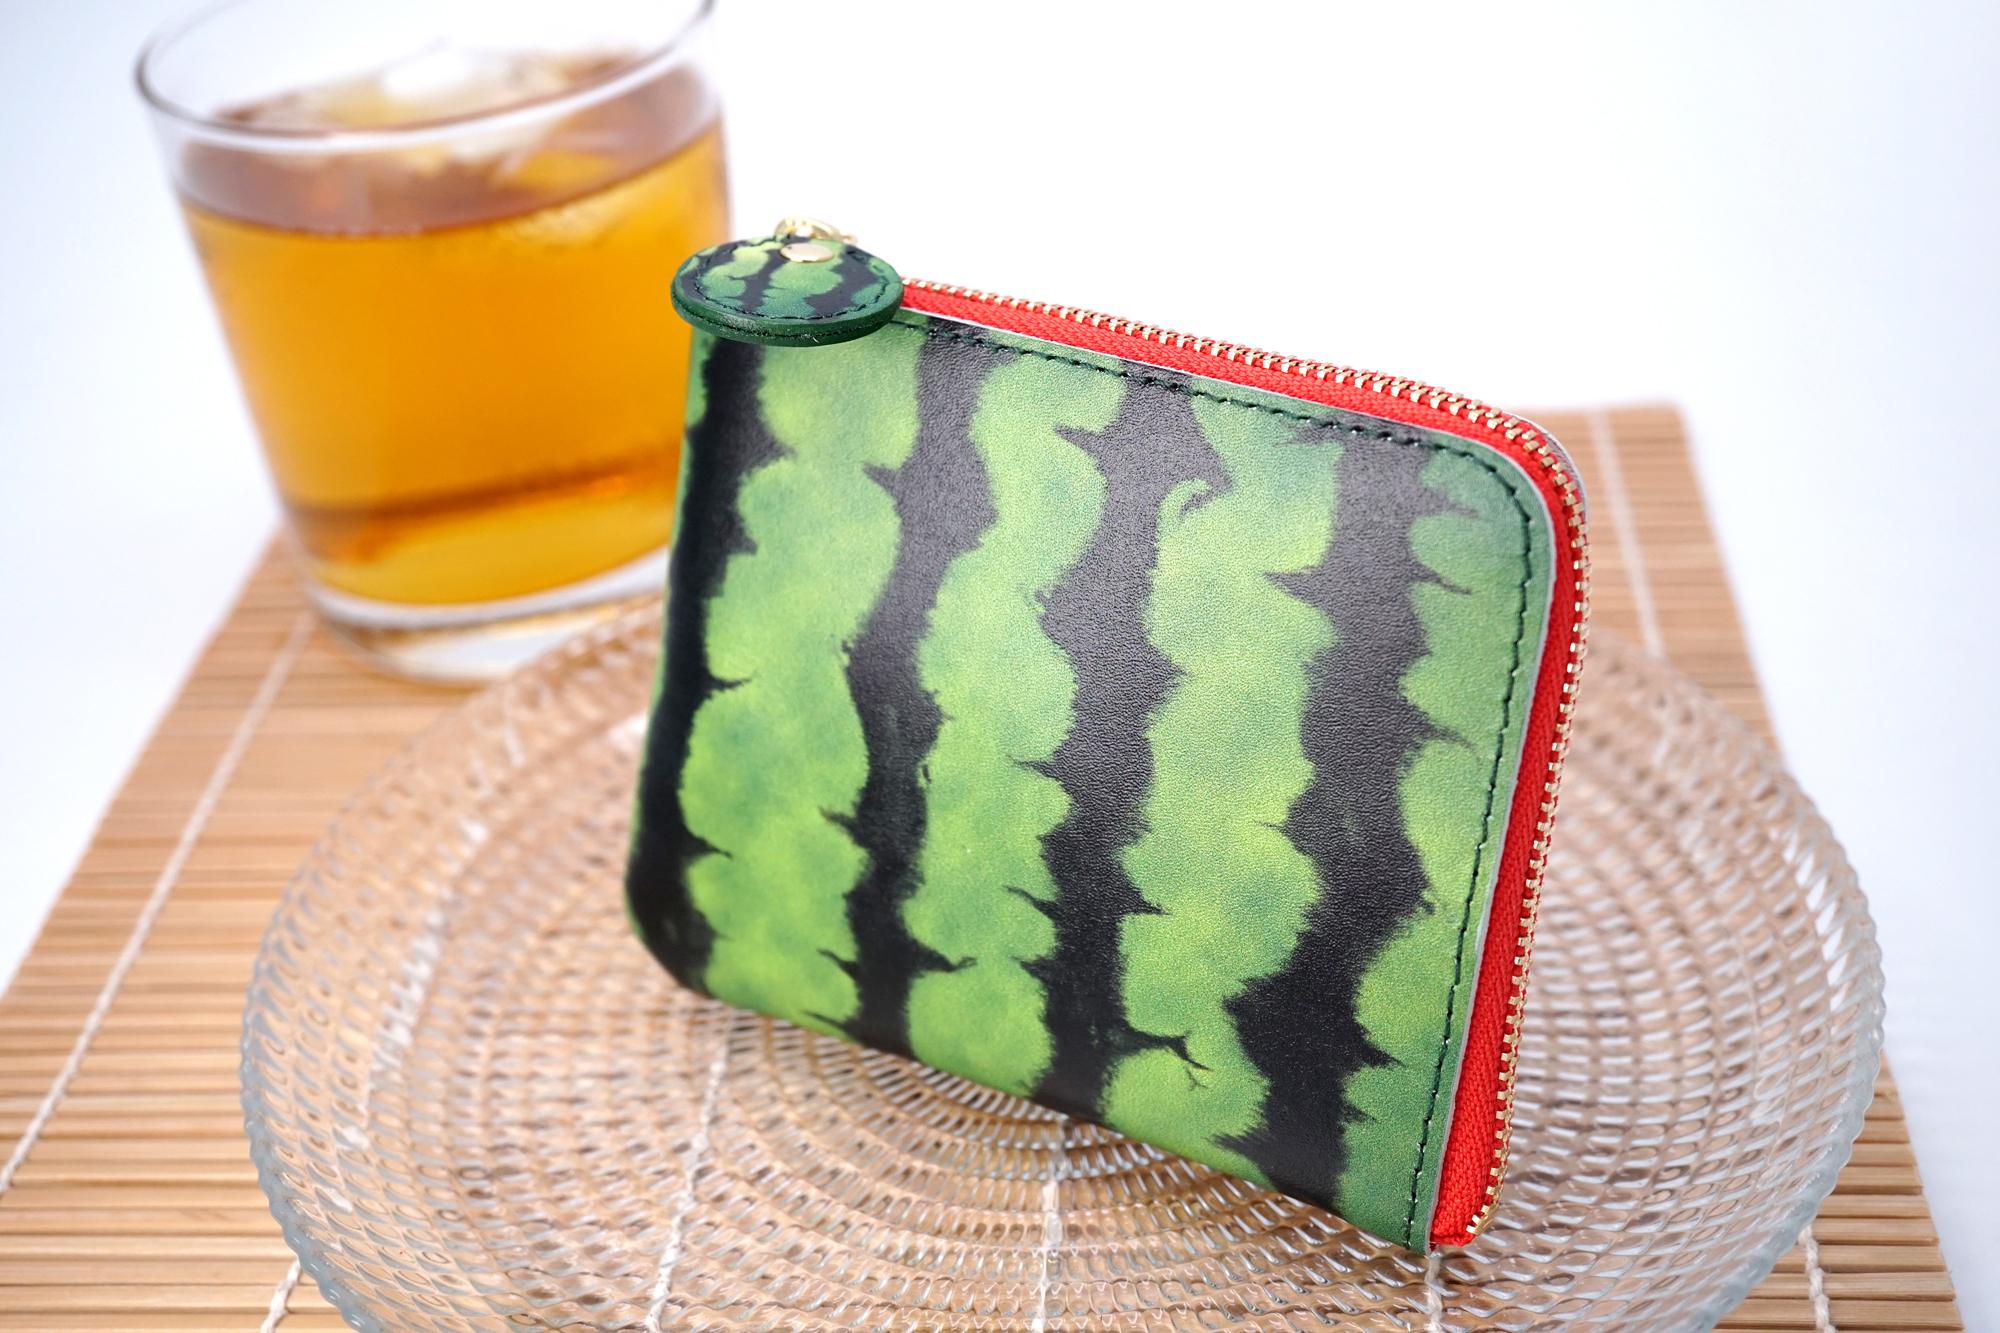 薄型!スイカなL字ファスナーミニ財布(牛革製)